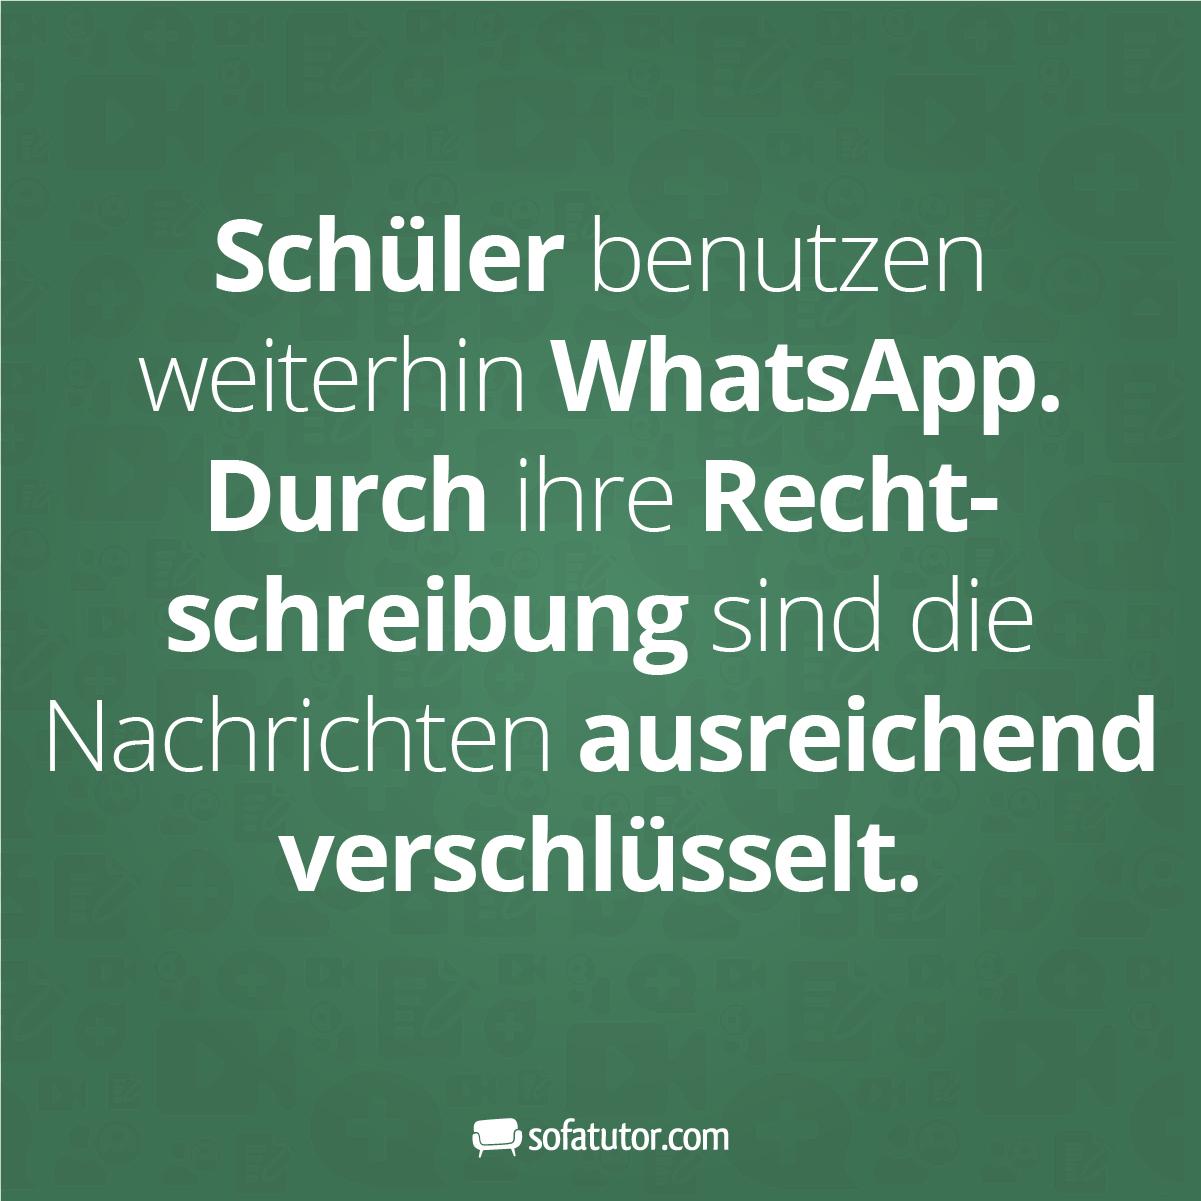 Witzige Whatsapp Sprüche Die 131 Besten Whatsapp Status